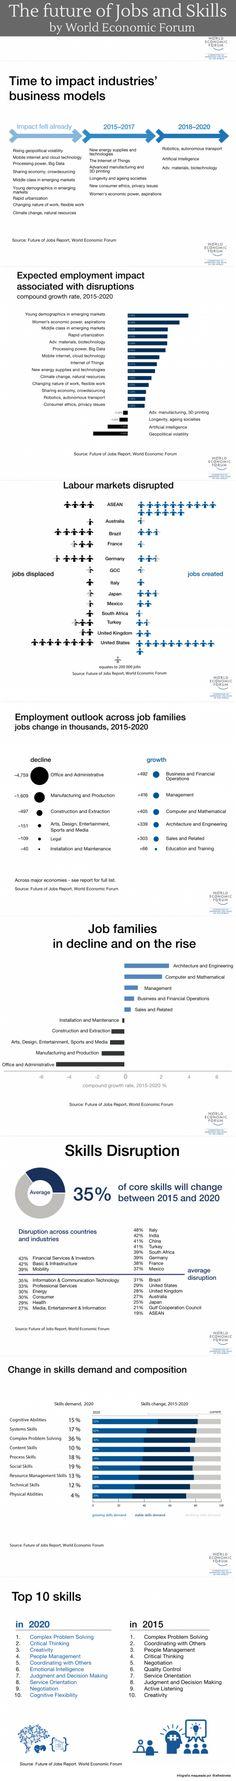 El Futuro de los trabajos y las competencias (by World Economic Forum)